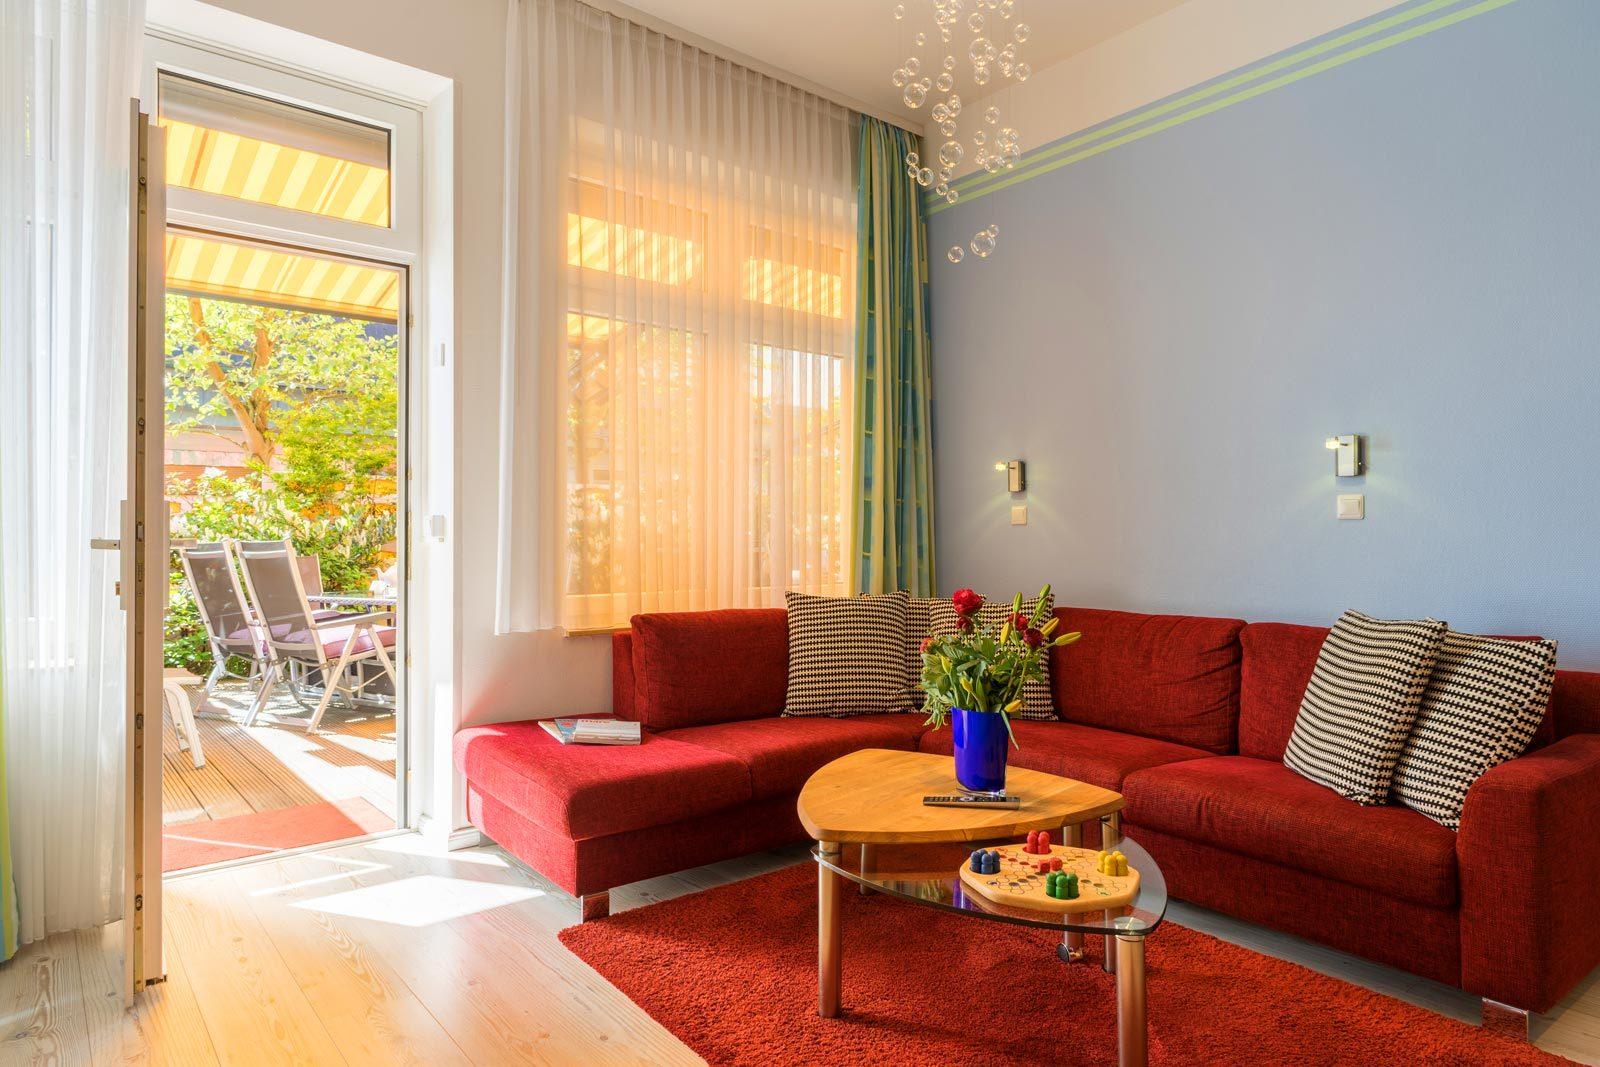 Wohnraum Apartment Sonnendeck mit Blick auf Terrasse